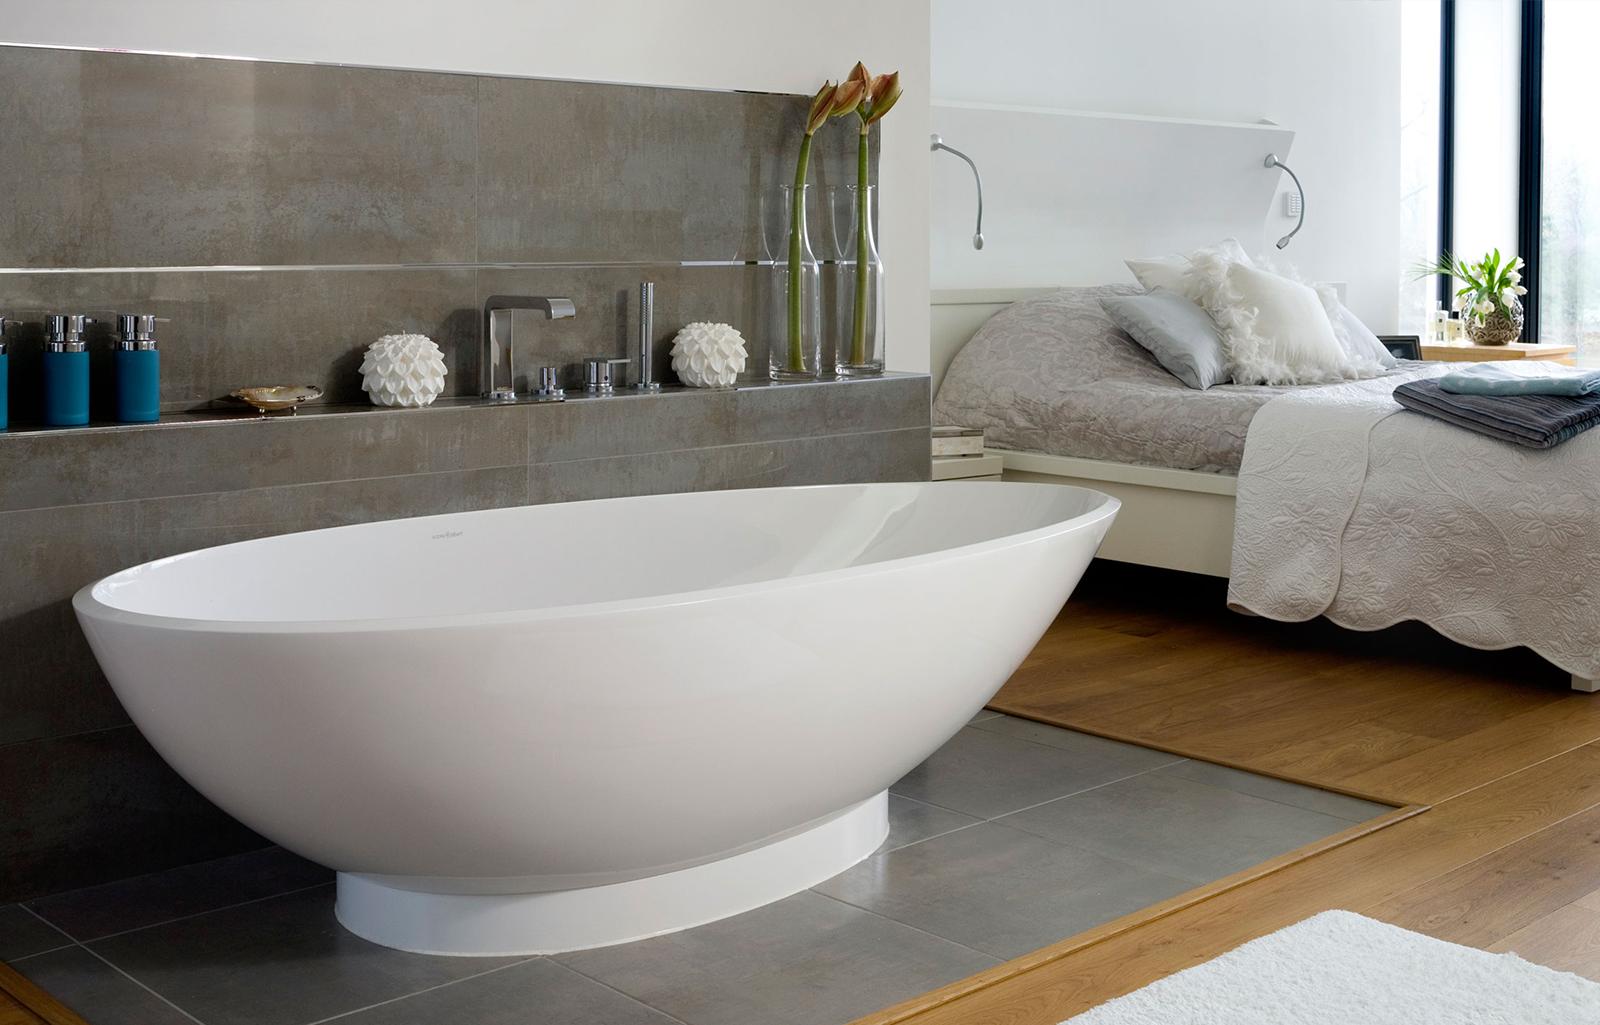 banheira com desenho contemporâneo feita em material de última  #254B5E 1600x1025 Banheiro Com Banheira Dimensões